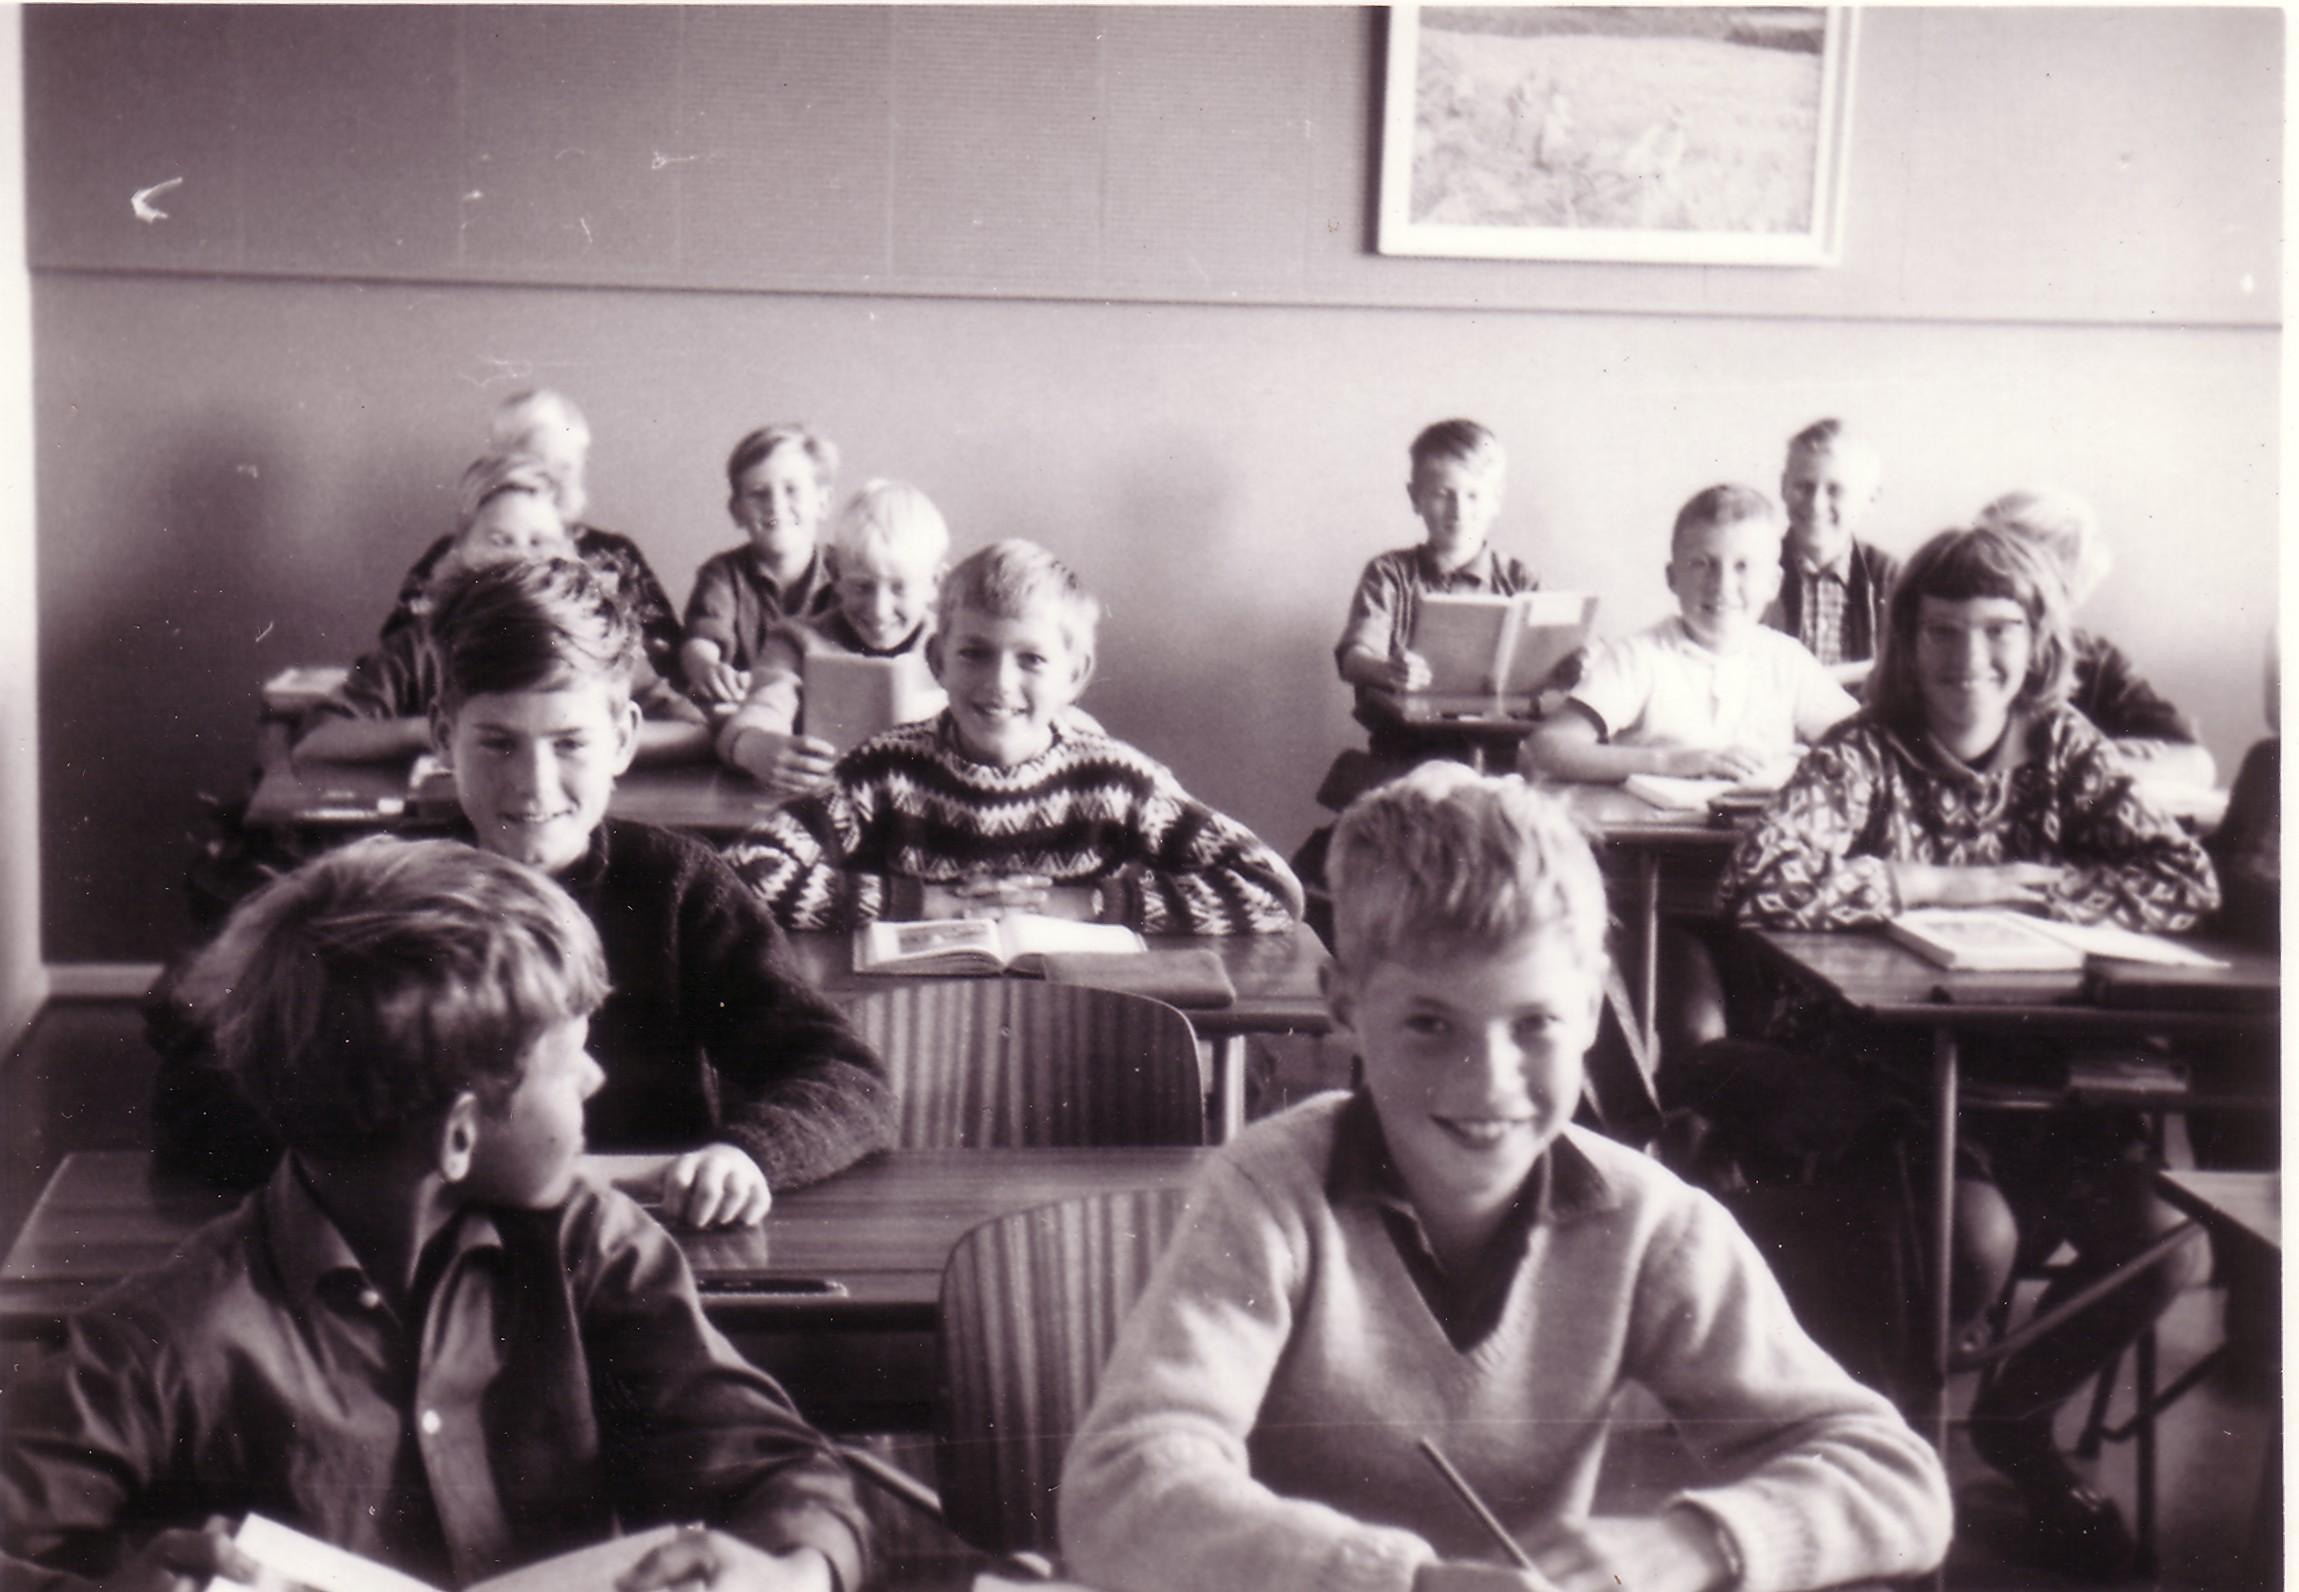 Skolebillede 1964